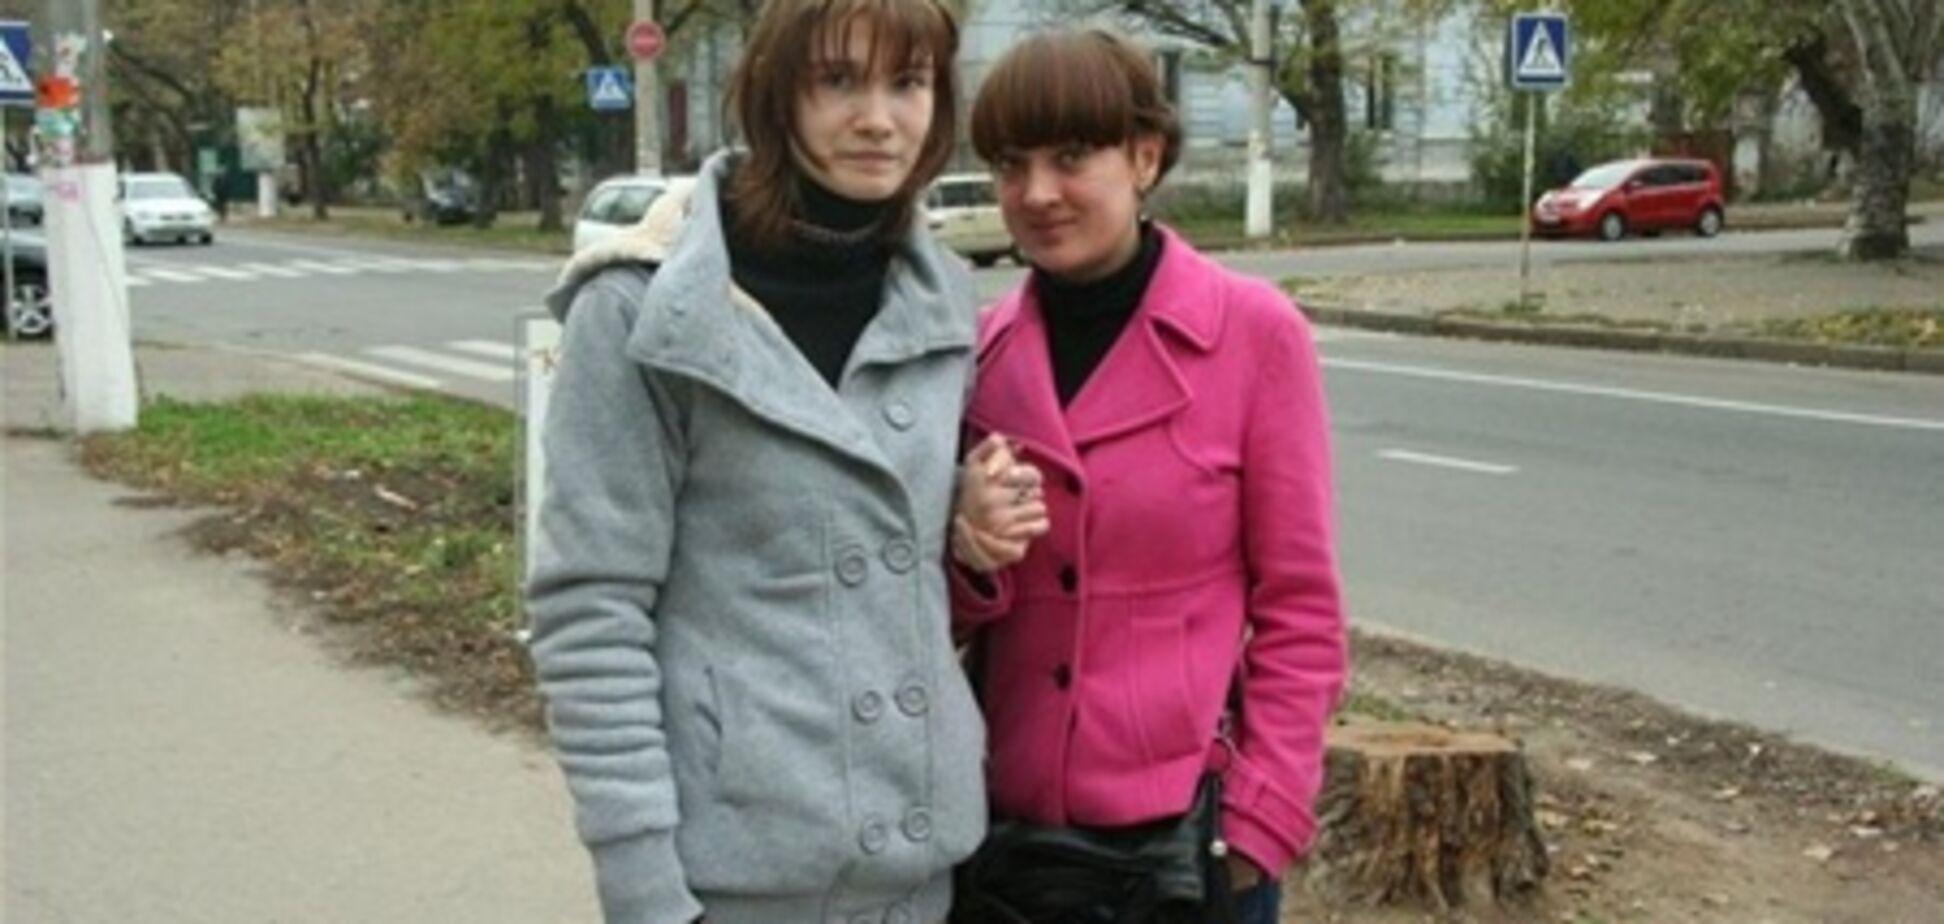 Саша Попова віддала перевагу замість суду піти в кіно. Фото. Відео